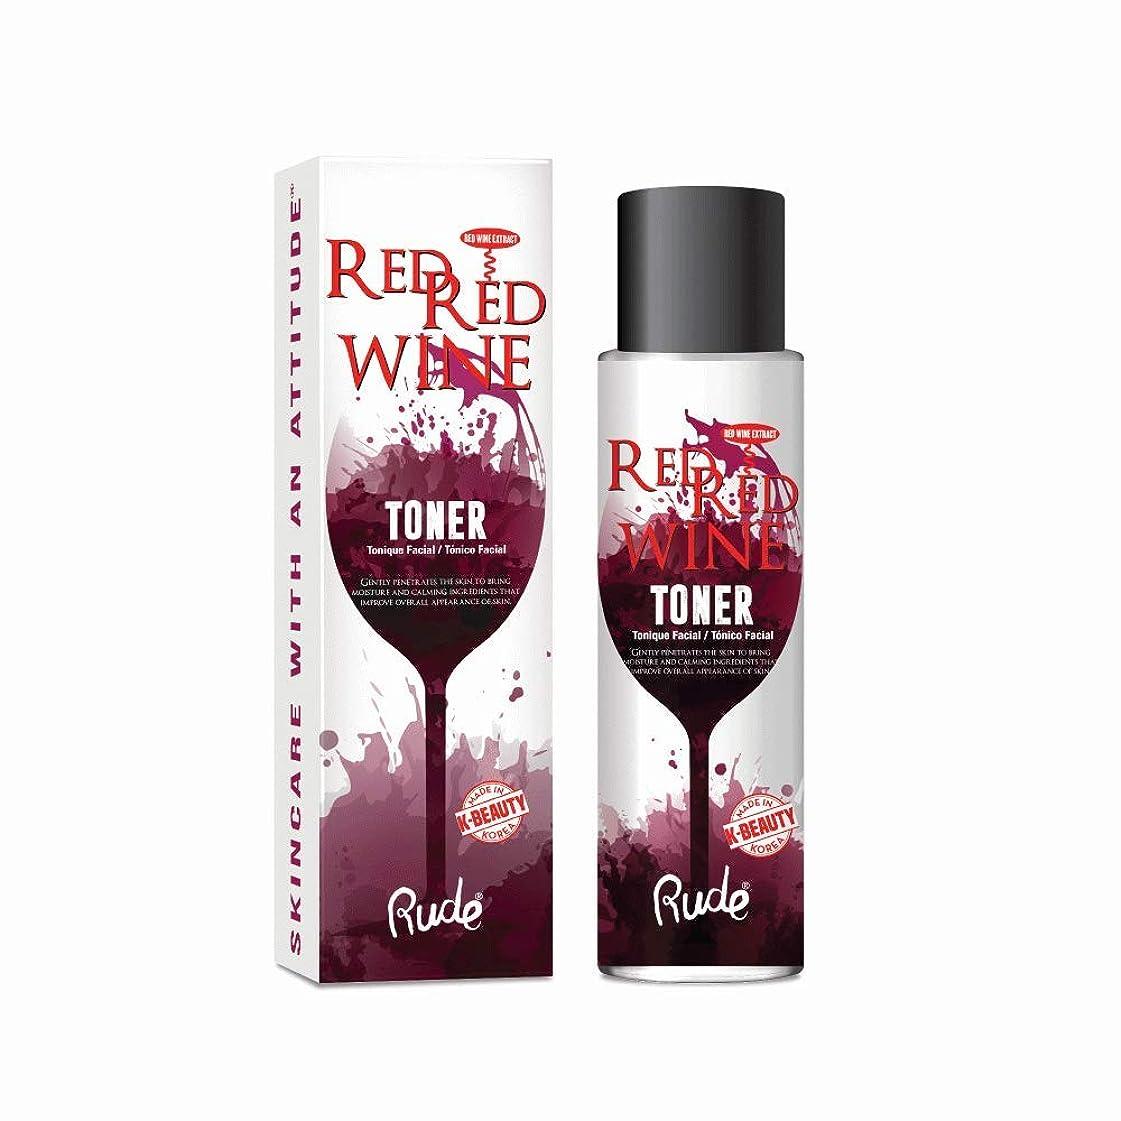 挨拶する叙情的な突き刺す(6 Pack) RUDE Red Red Wine Toner (並行輸入品)